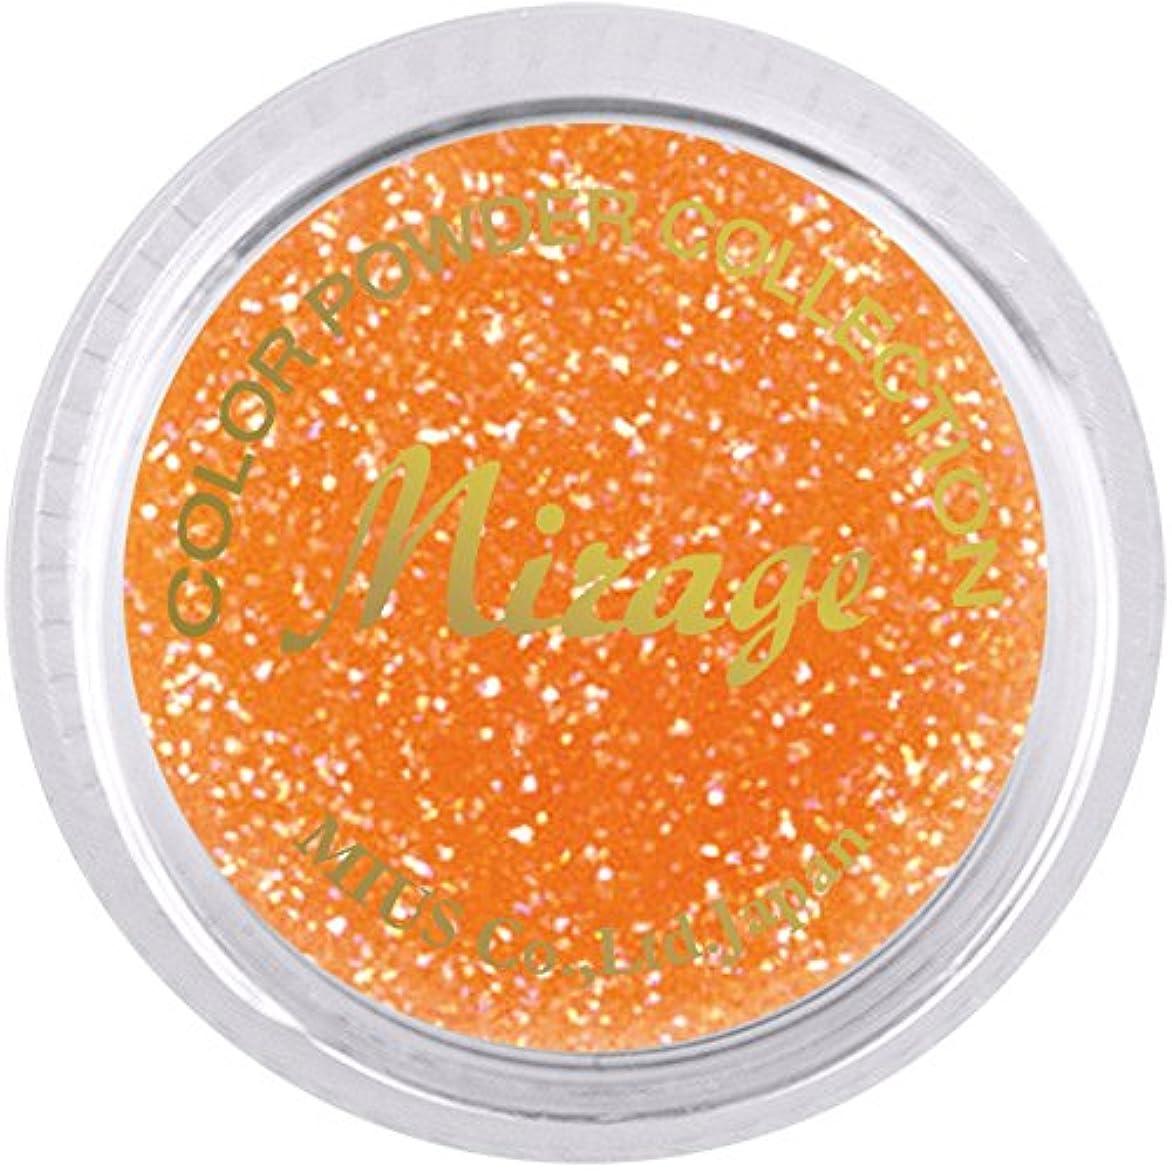 排除する印象的な床ミラージュ カラーパウダー N/CBS-2  7g  アクリルパウダー 特殊パール配合のビビッドなキャンディーカラー